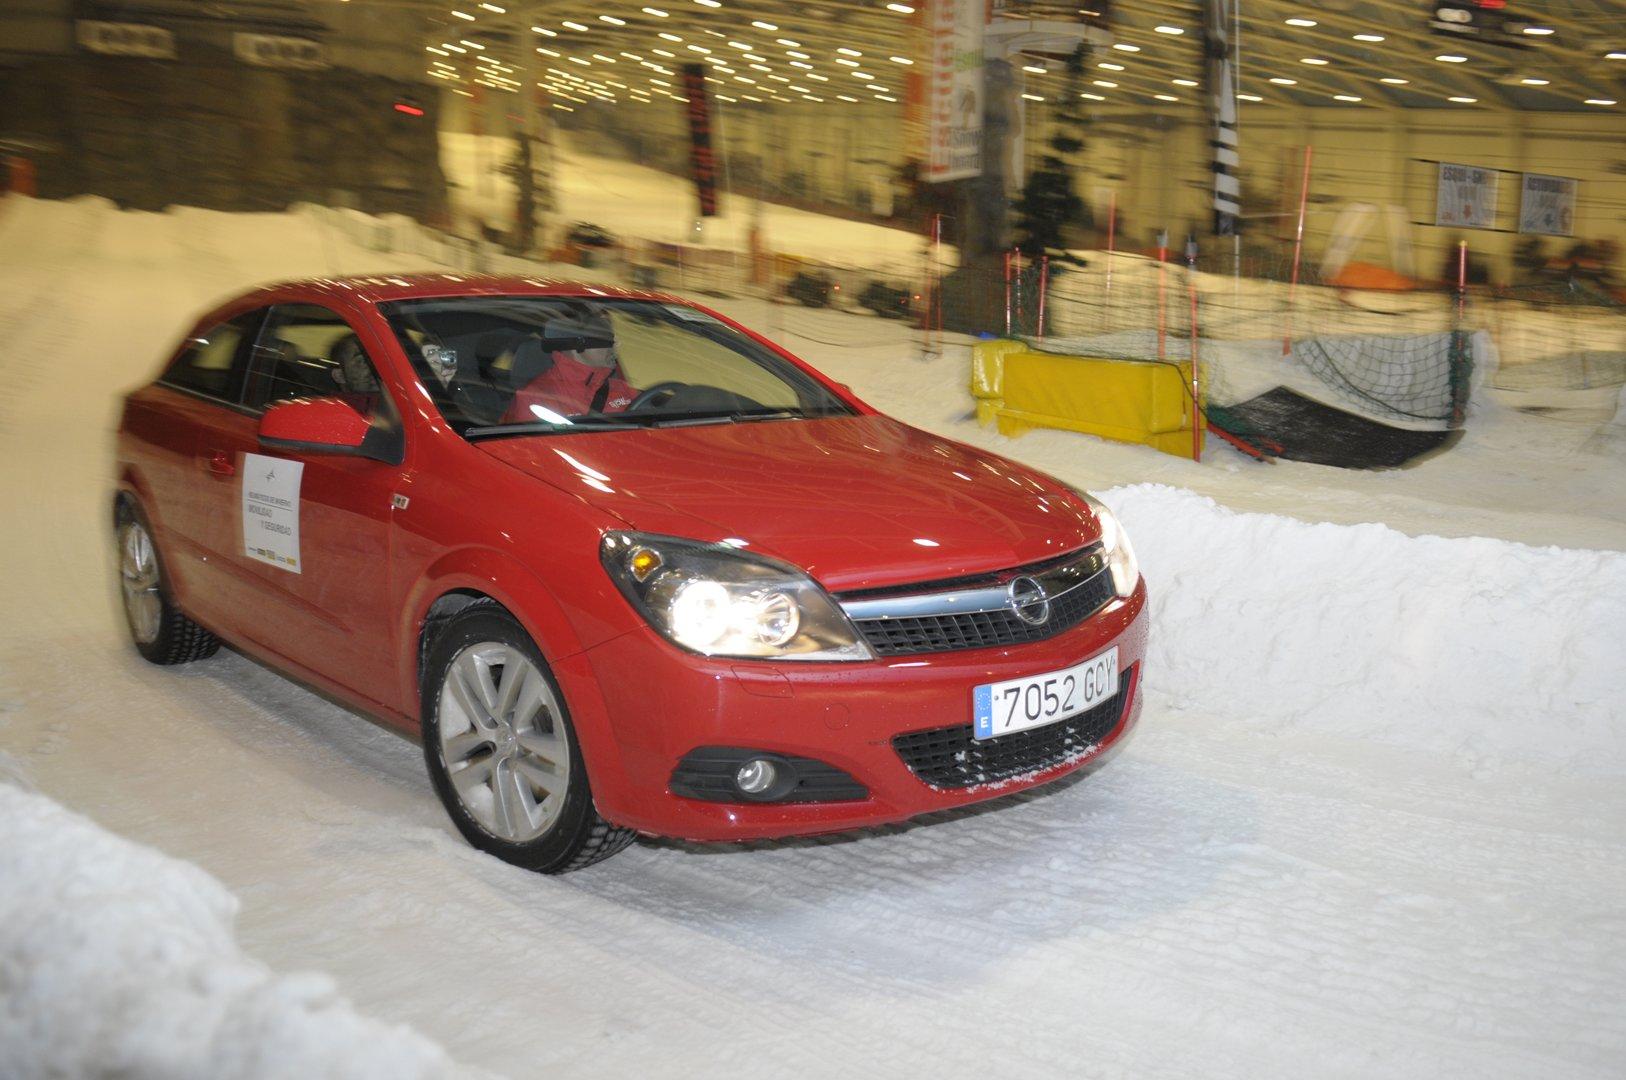 Opel Astra GTC en Xanadú